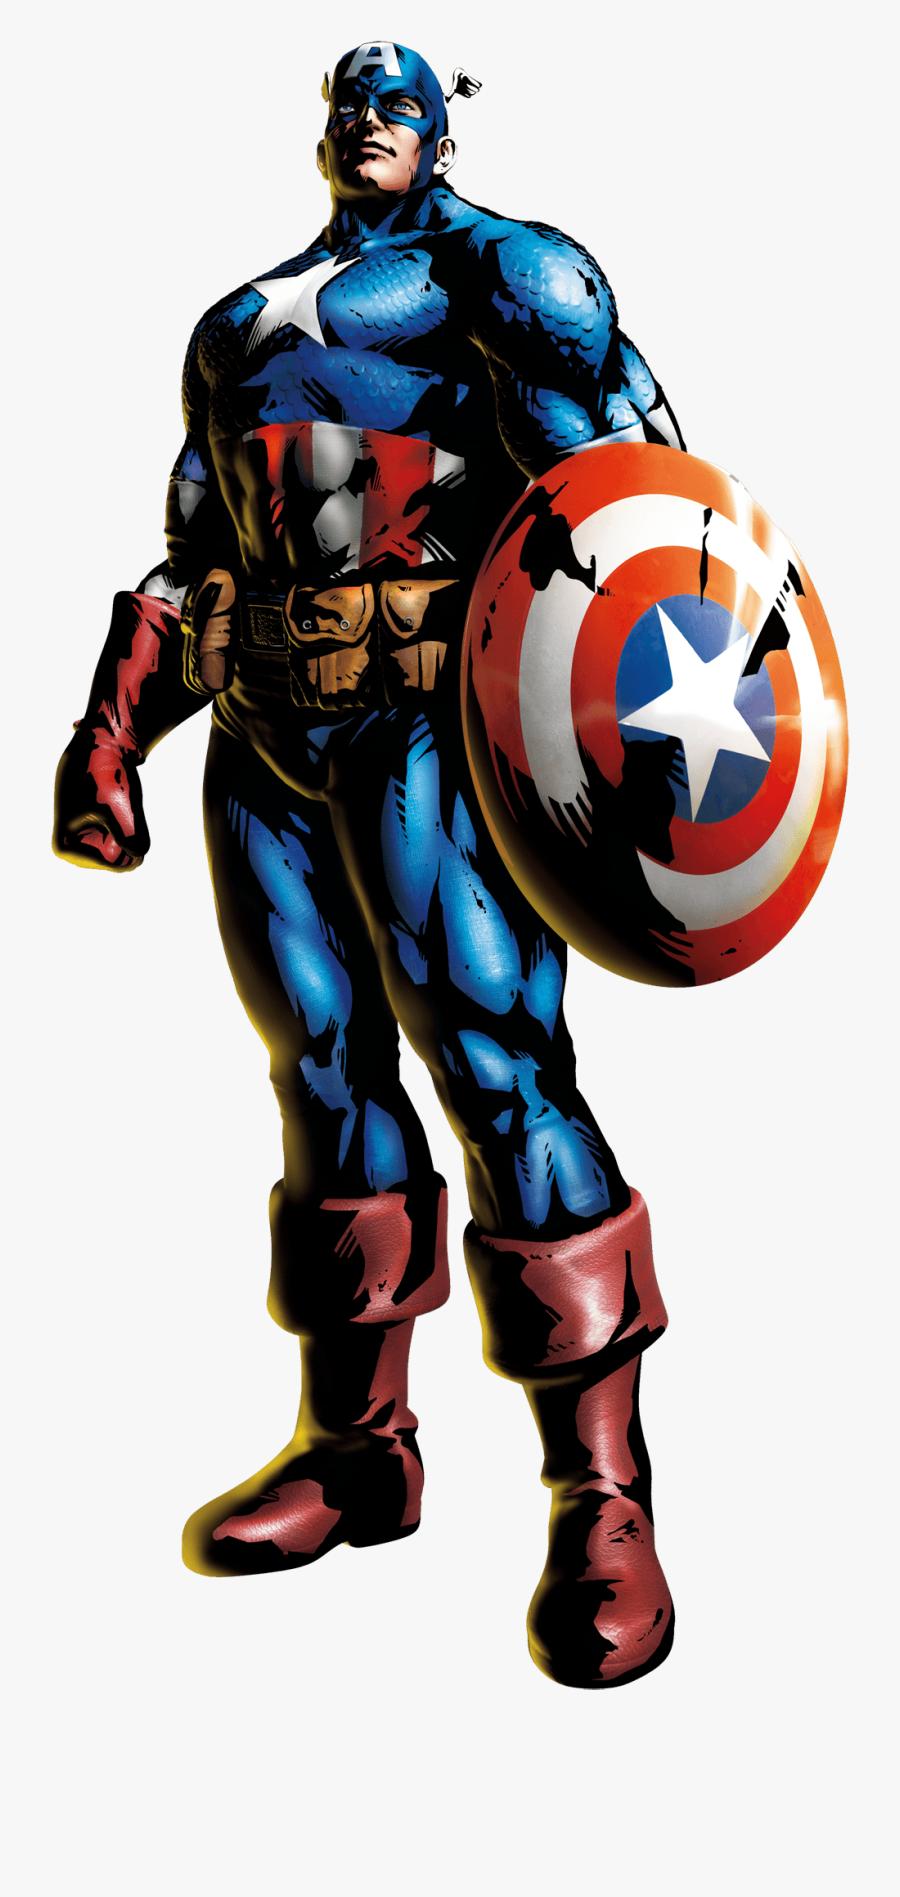 Captain America - Marvel Vs Capcom 3 Captain America, Transparent Clipart